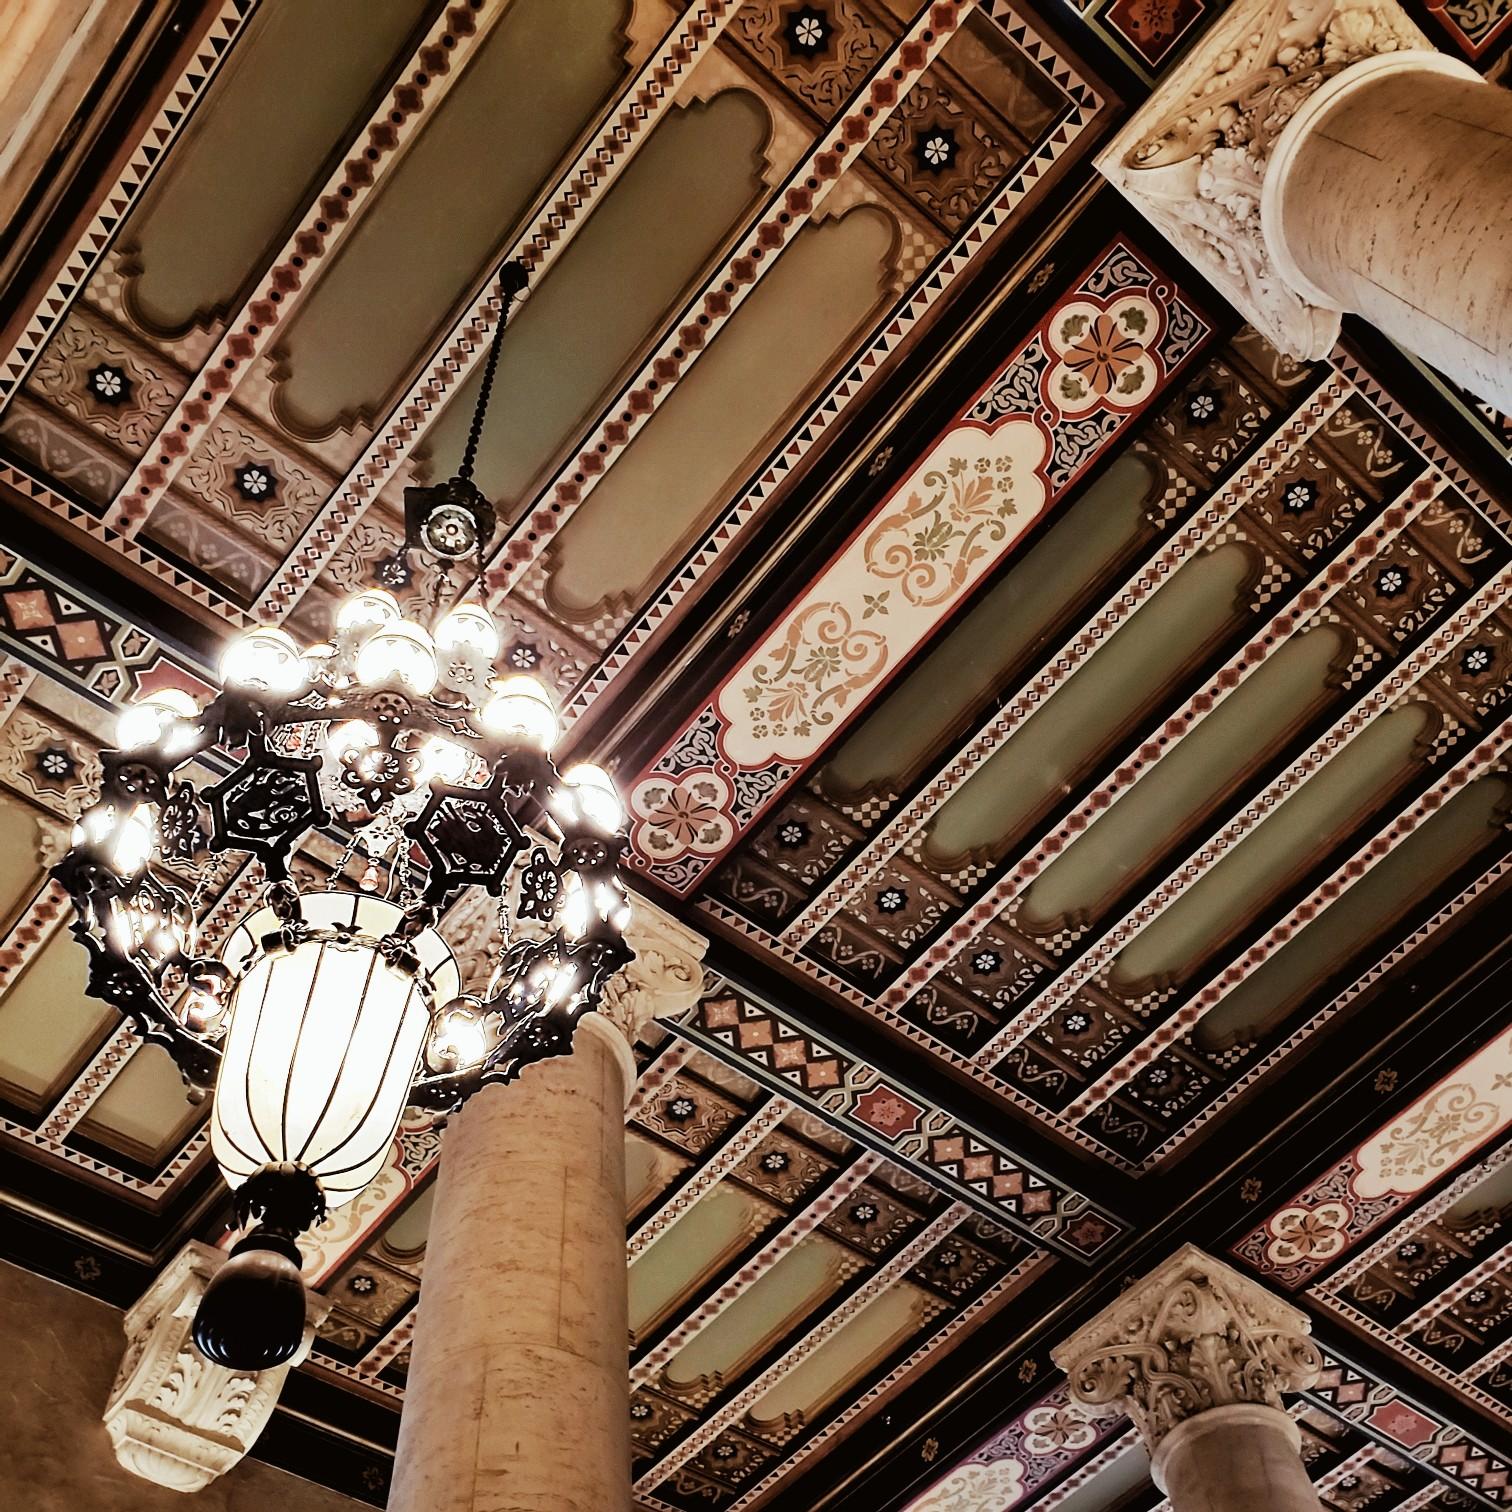 Biltmore Hotel Miami Coral Gables Ceiling Interior Luxury Design